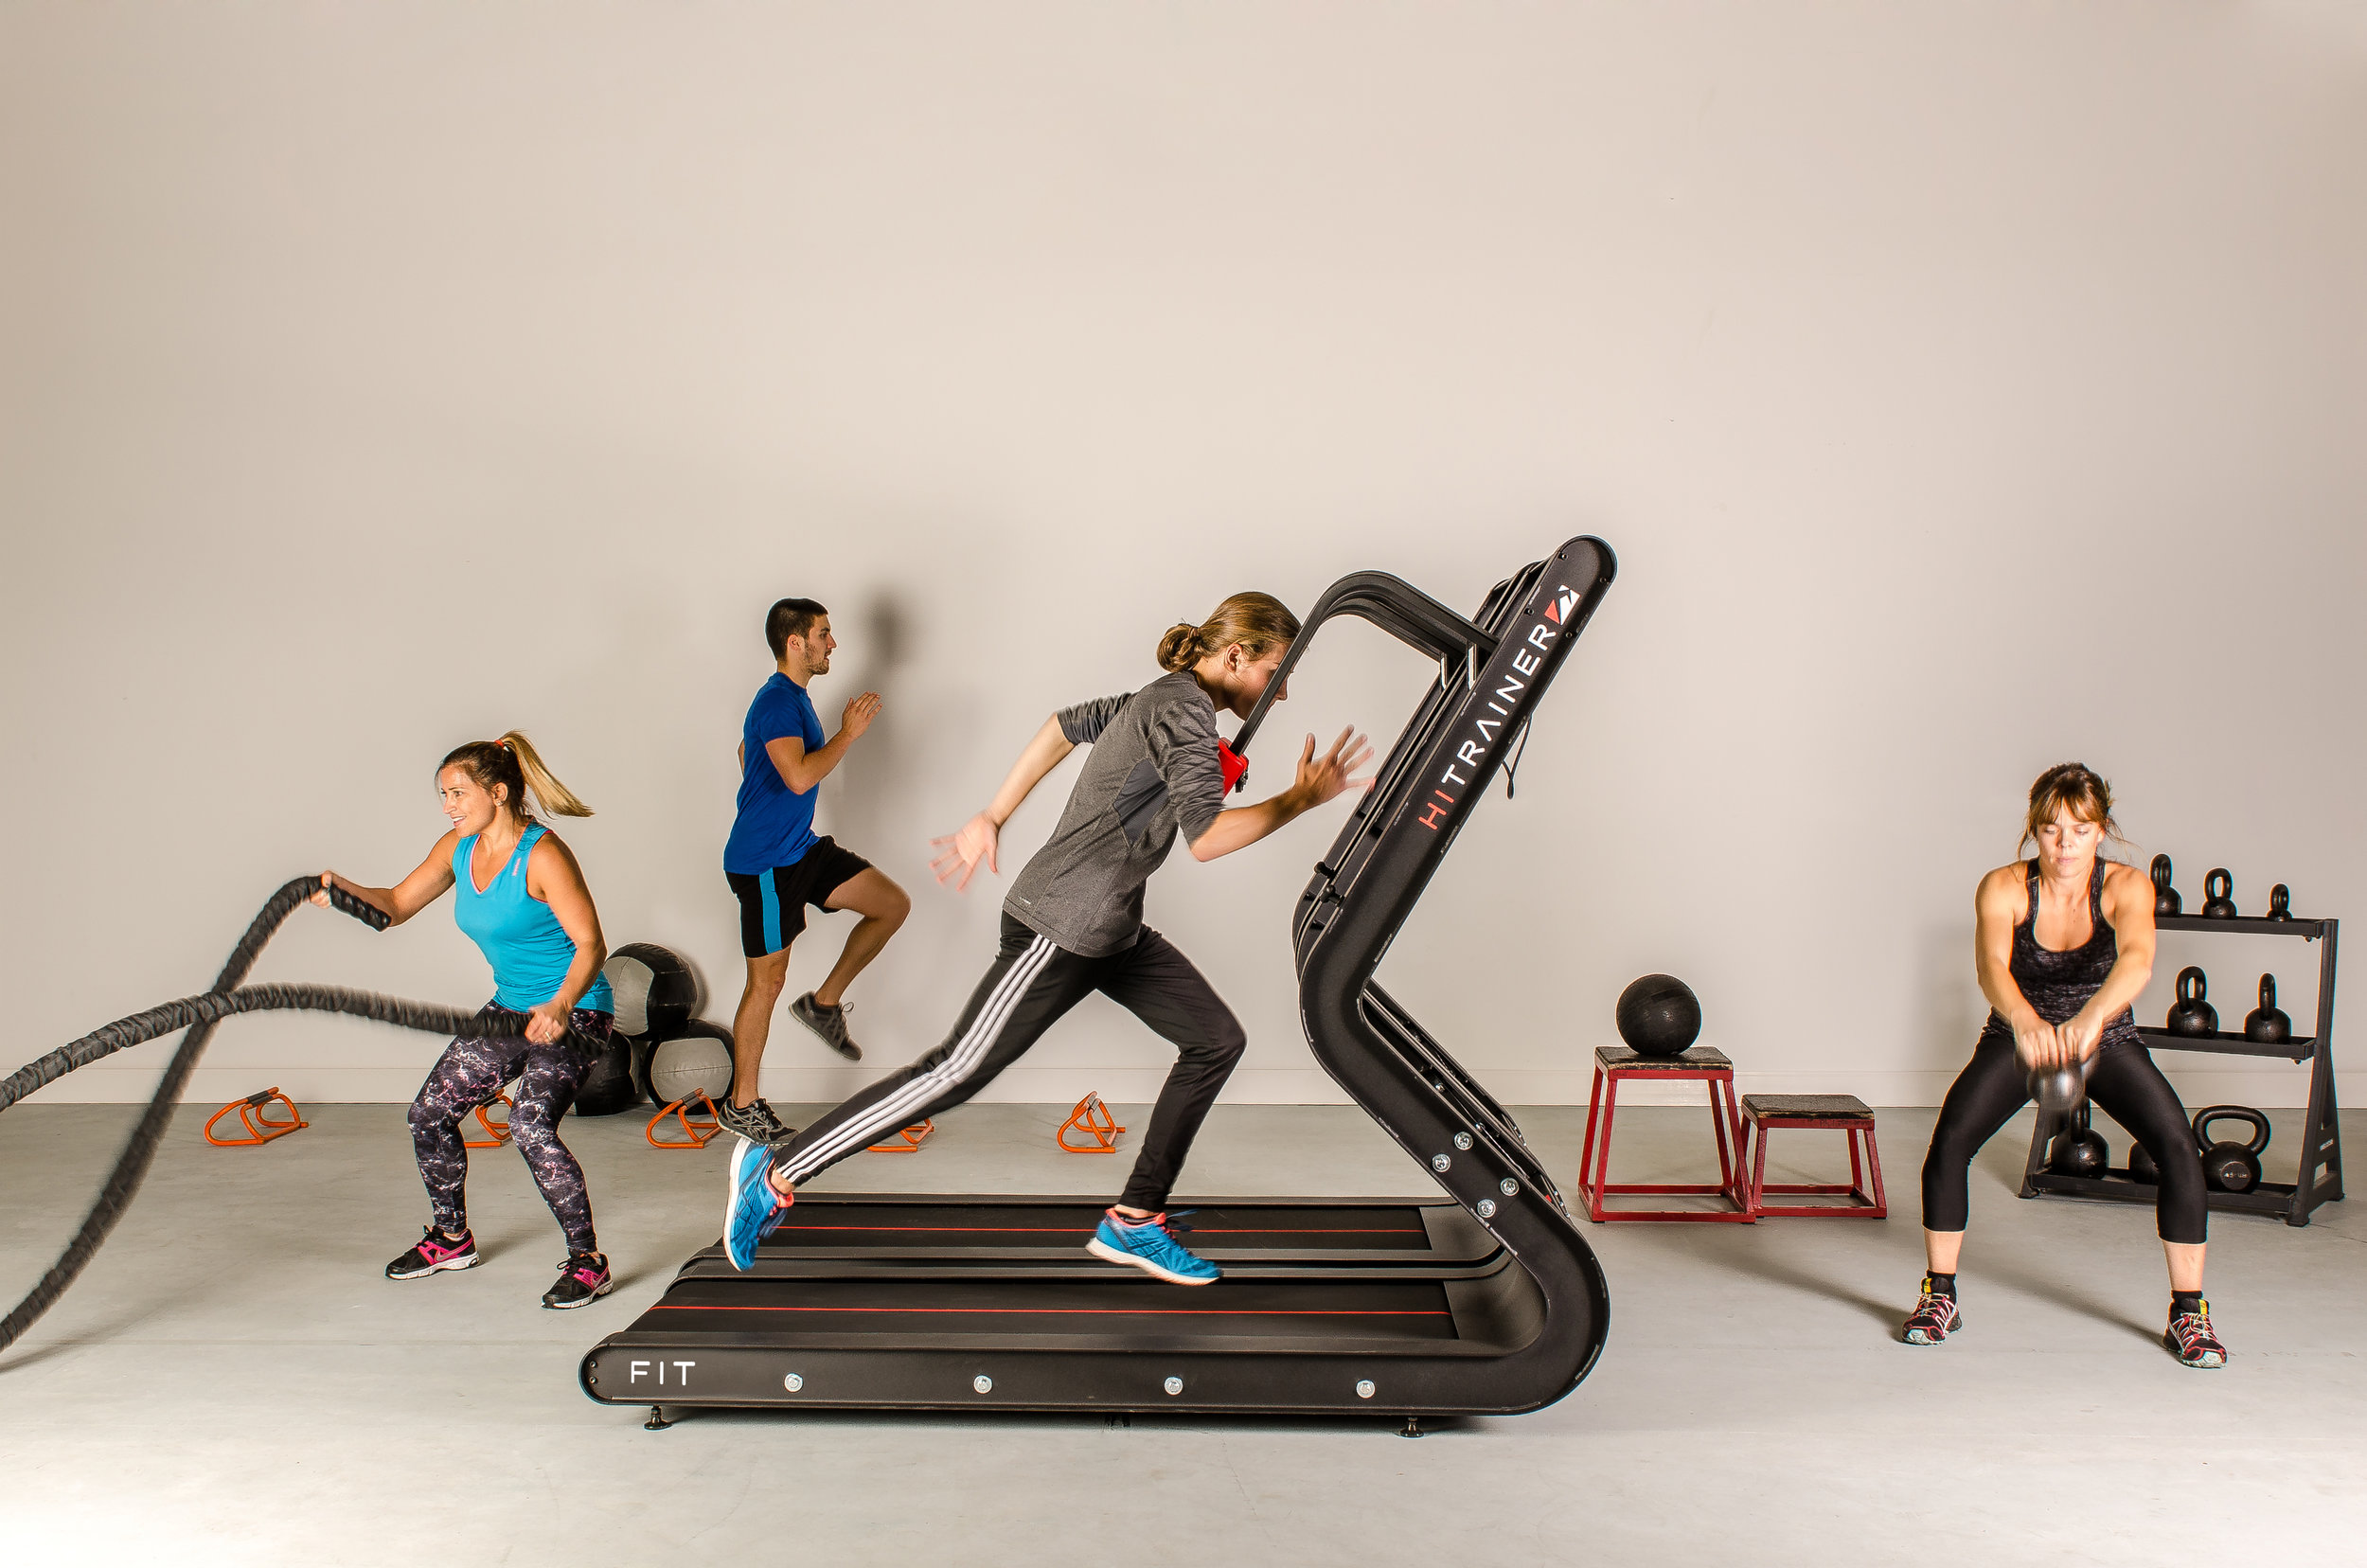 Entraînement en circuit - Station idéale pour introduire sans danger une intensité élevée, le HiTrainer est la pièce d'ancrage parfaite pour les circuits de conditionnement et l'entraînement de petits groupes. Grâce à la rétroaction immédiate des performances, les utilisateurs sont motivés pour réaliser leur potentiel et peuvent se livrer une compétition saine dans le gym.